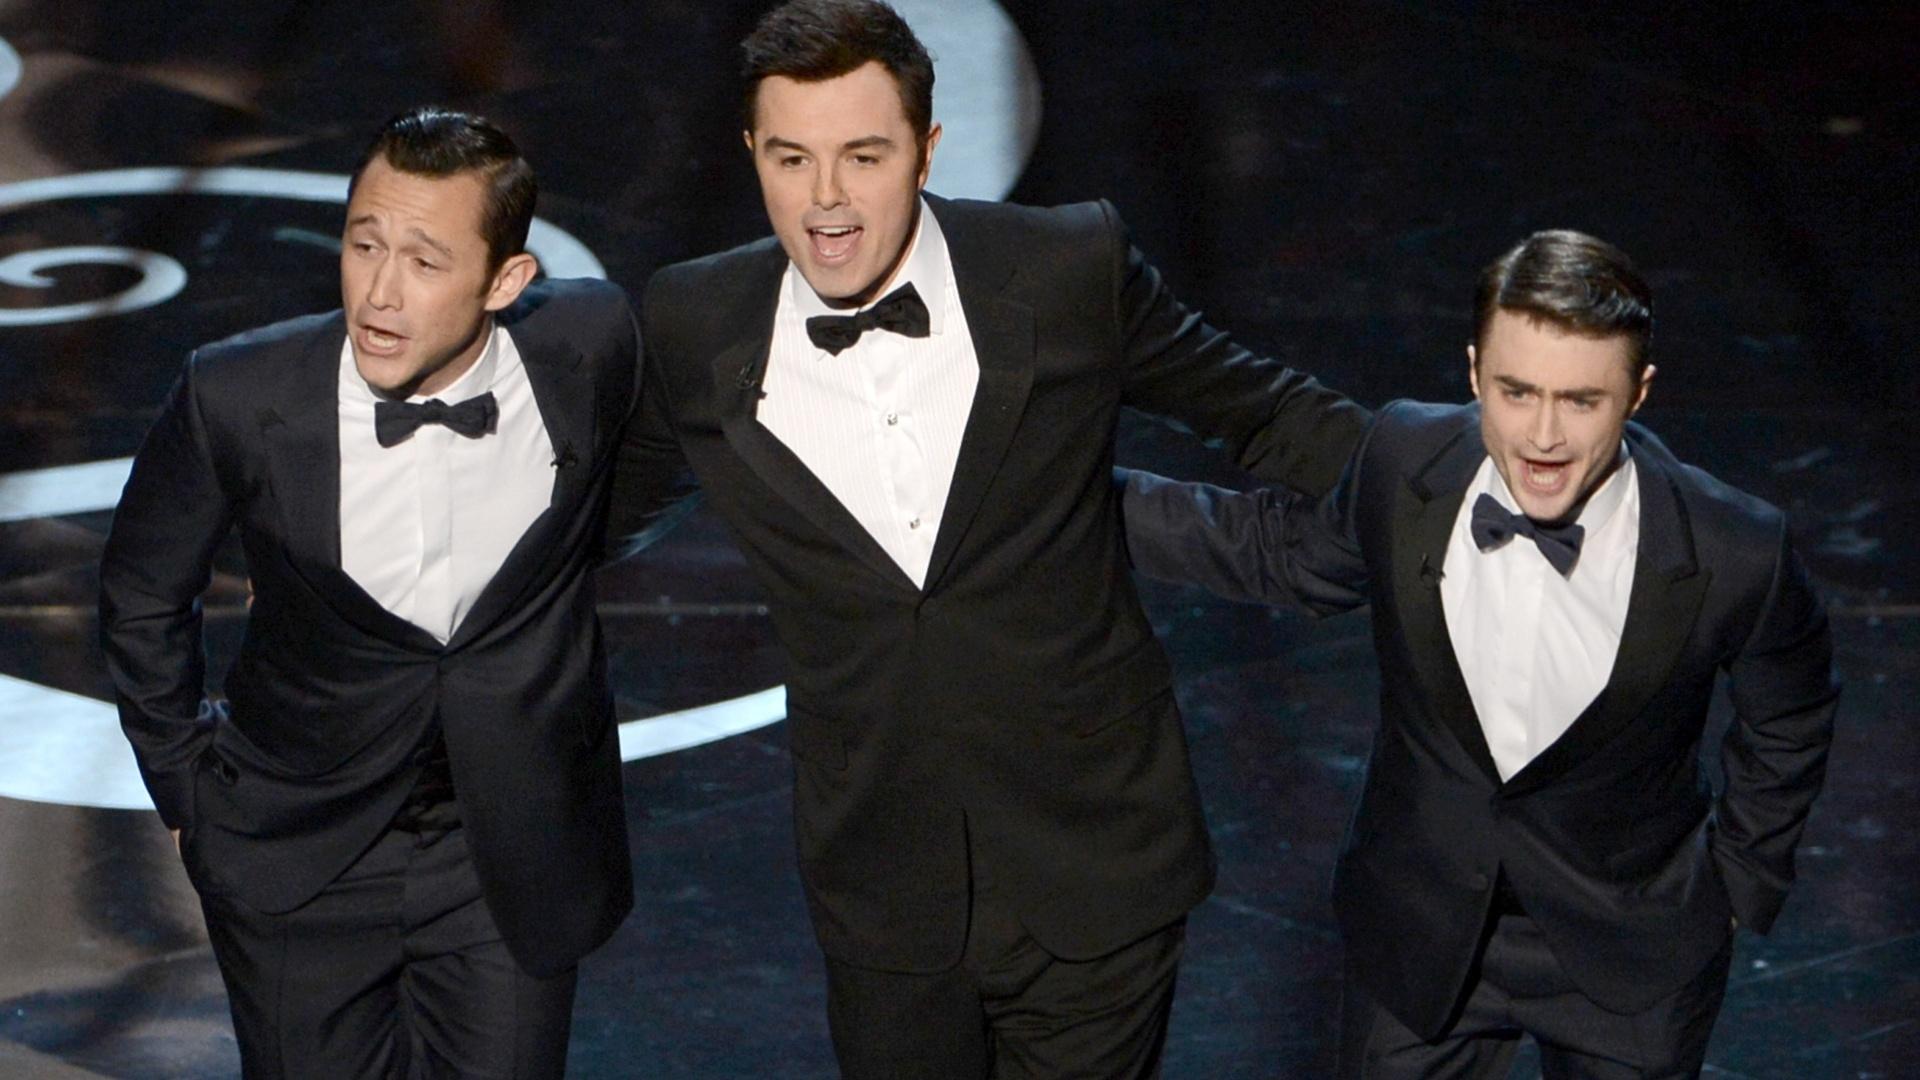 24.fev.2013 - O apresentador Seth Macfarlane (ao centro) dança ao lado dos atores Joseph Gordon-Levitt e Daniel Radcliffe